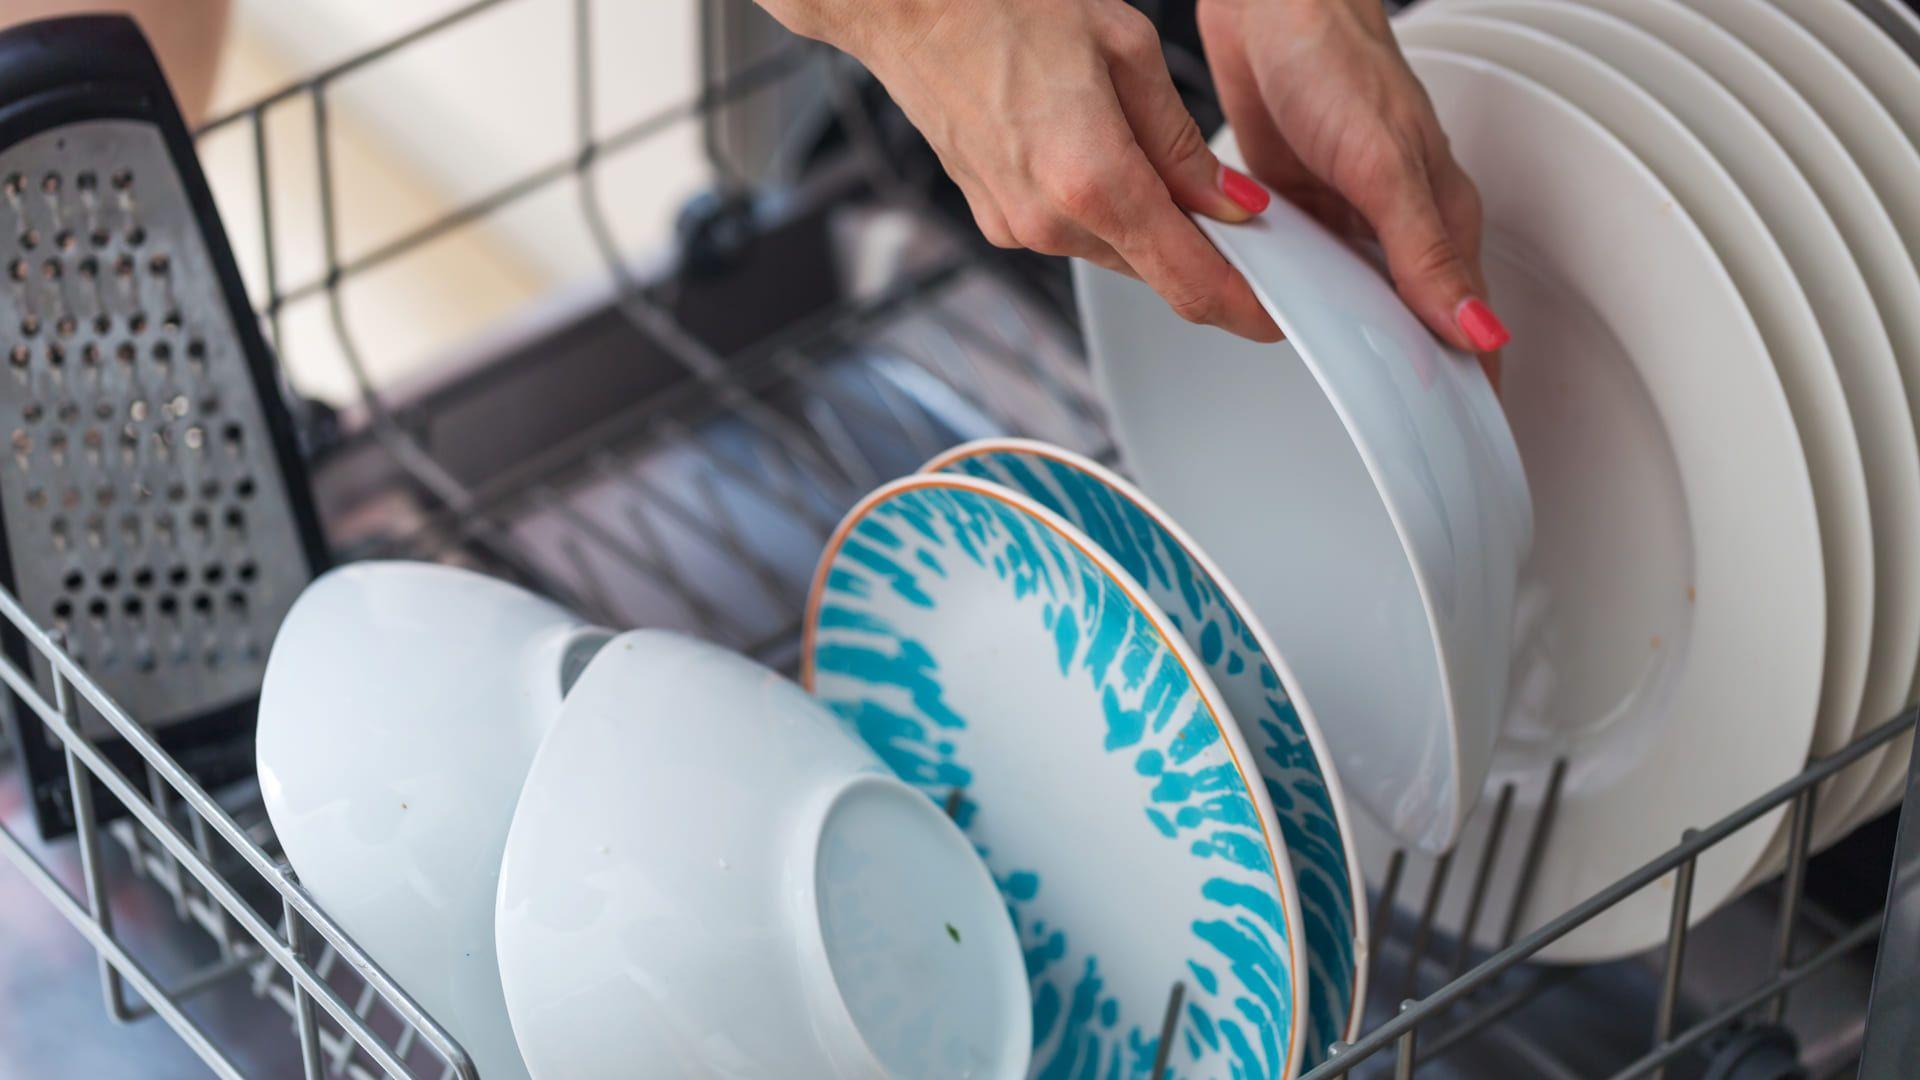 O ideal é passar os pratos e copos na água corrente antes de inseri-los na lava-louças. (Imagem: Reprodução/Shutterstock)